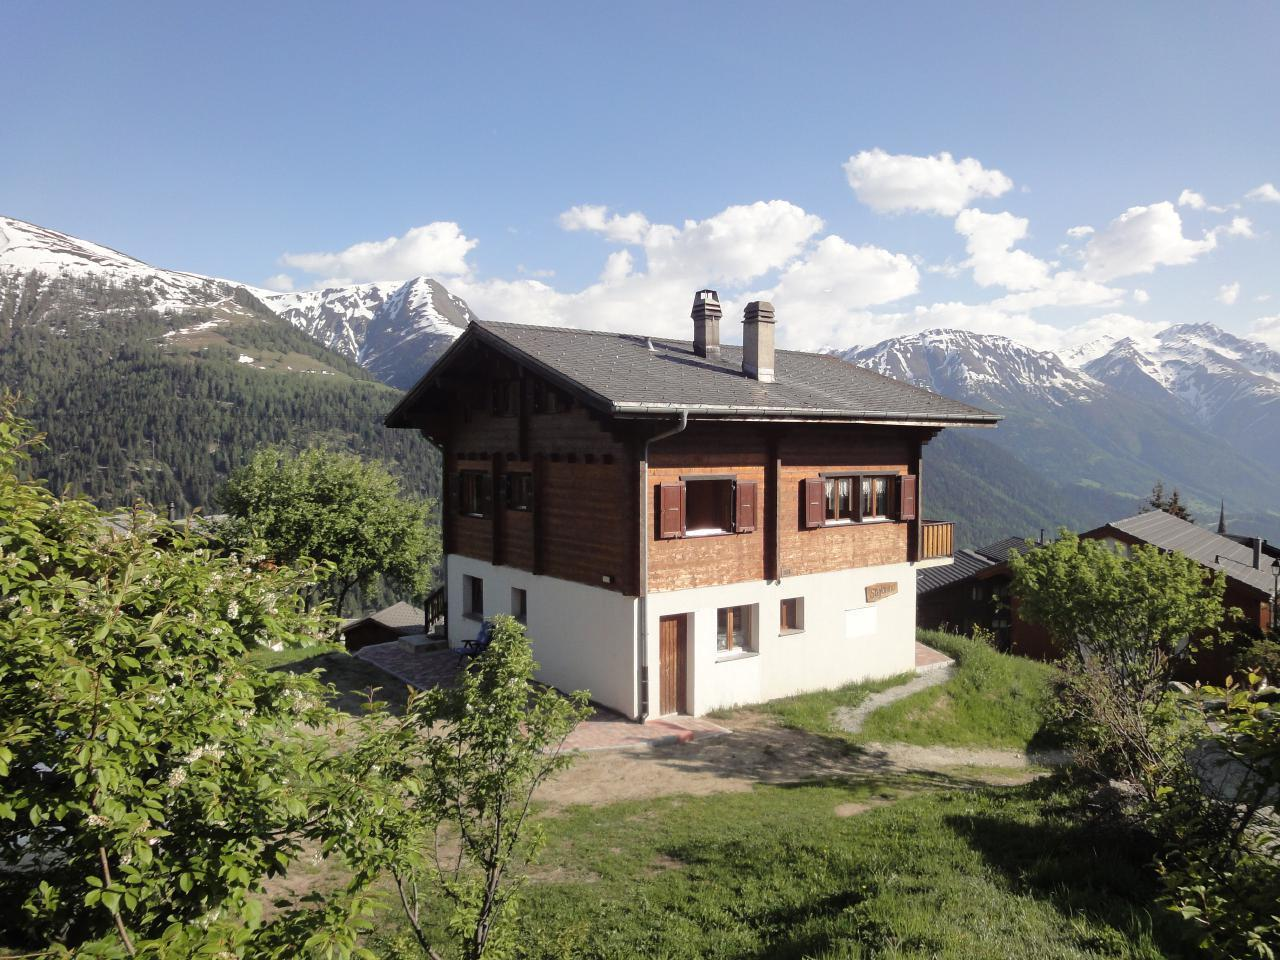 Appartement de vacances Chalet Stefanino, 3 1/2 Zimmer (487097), Bellwald, Aletsch - Conches, Valais, Suisse, image 2